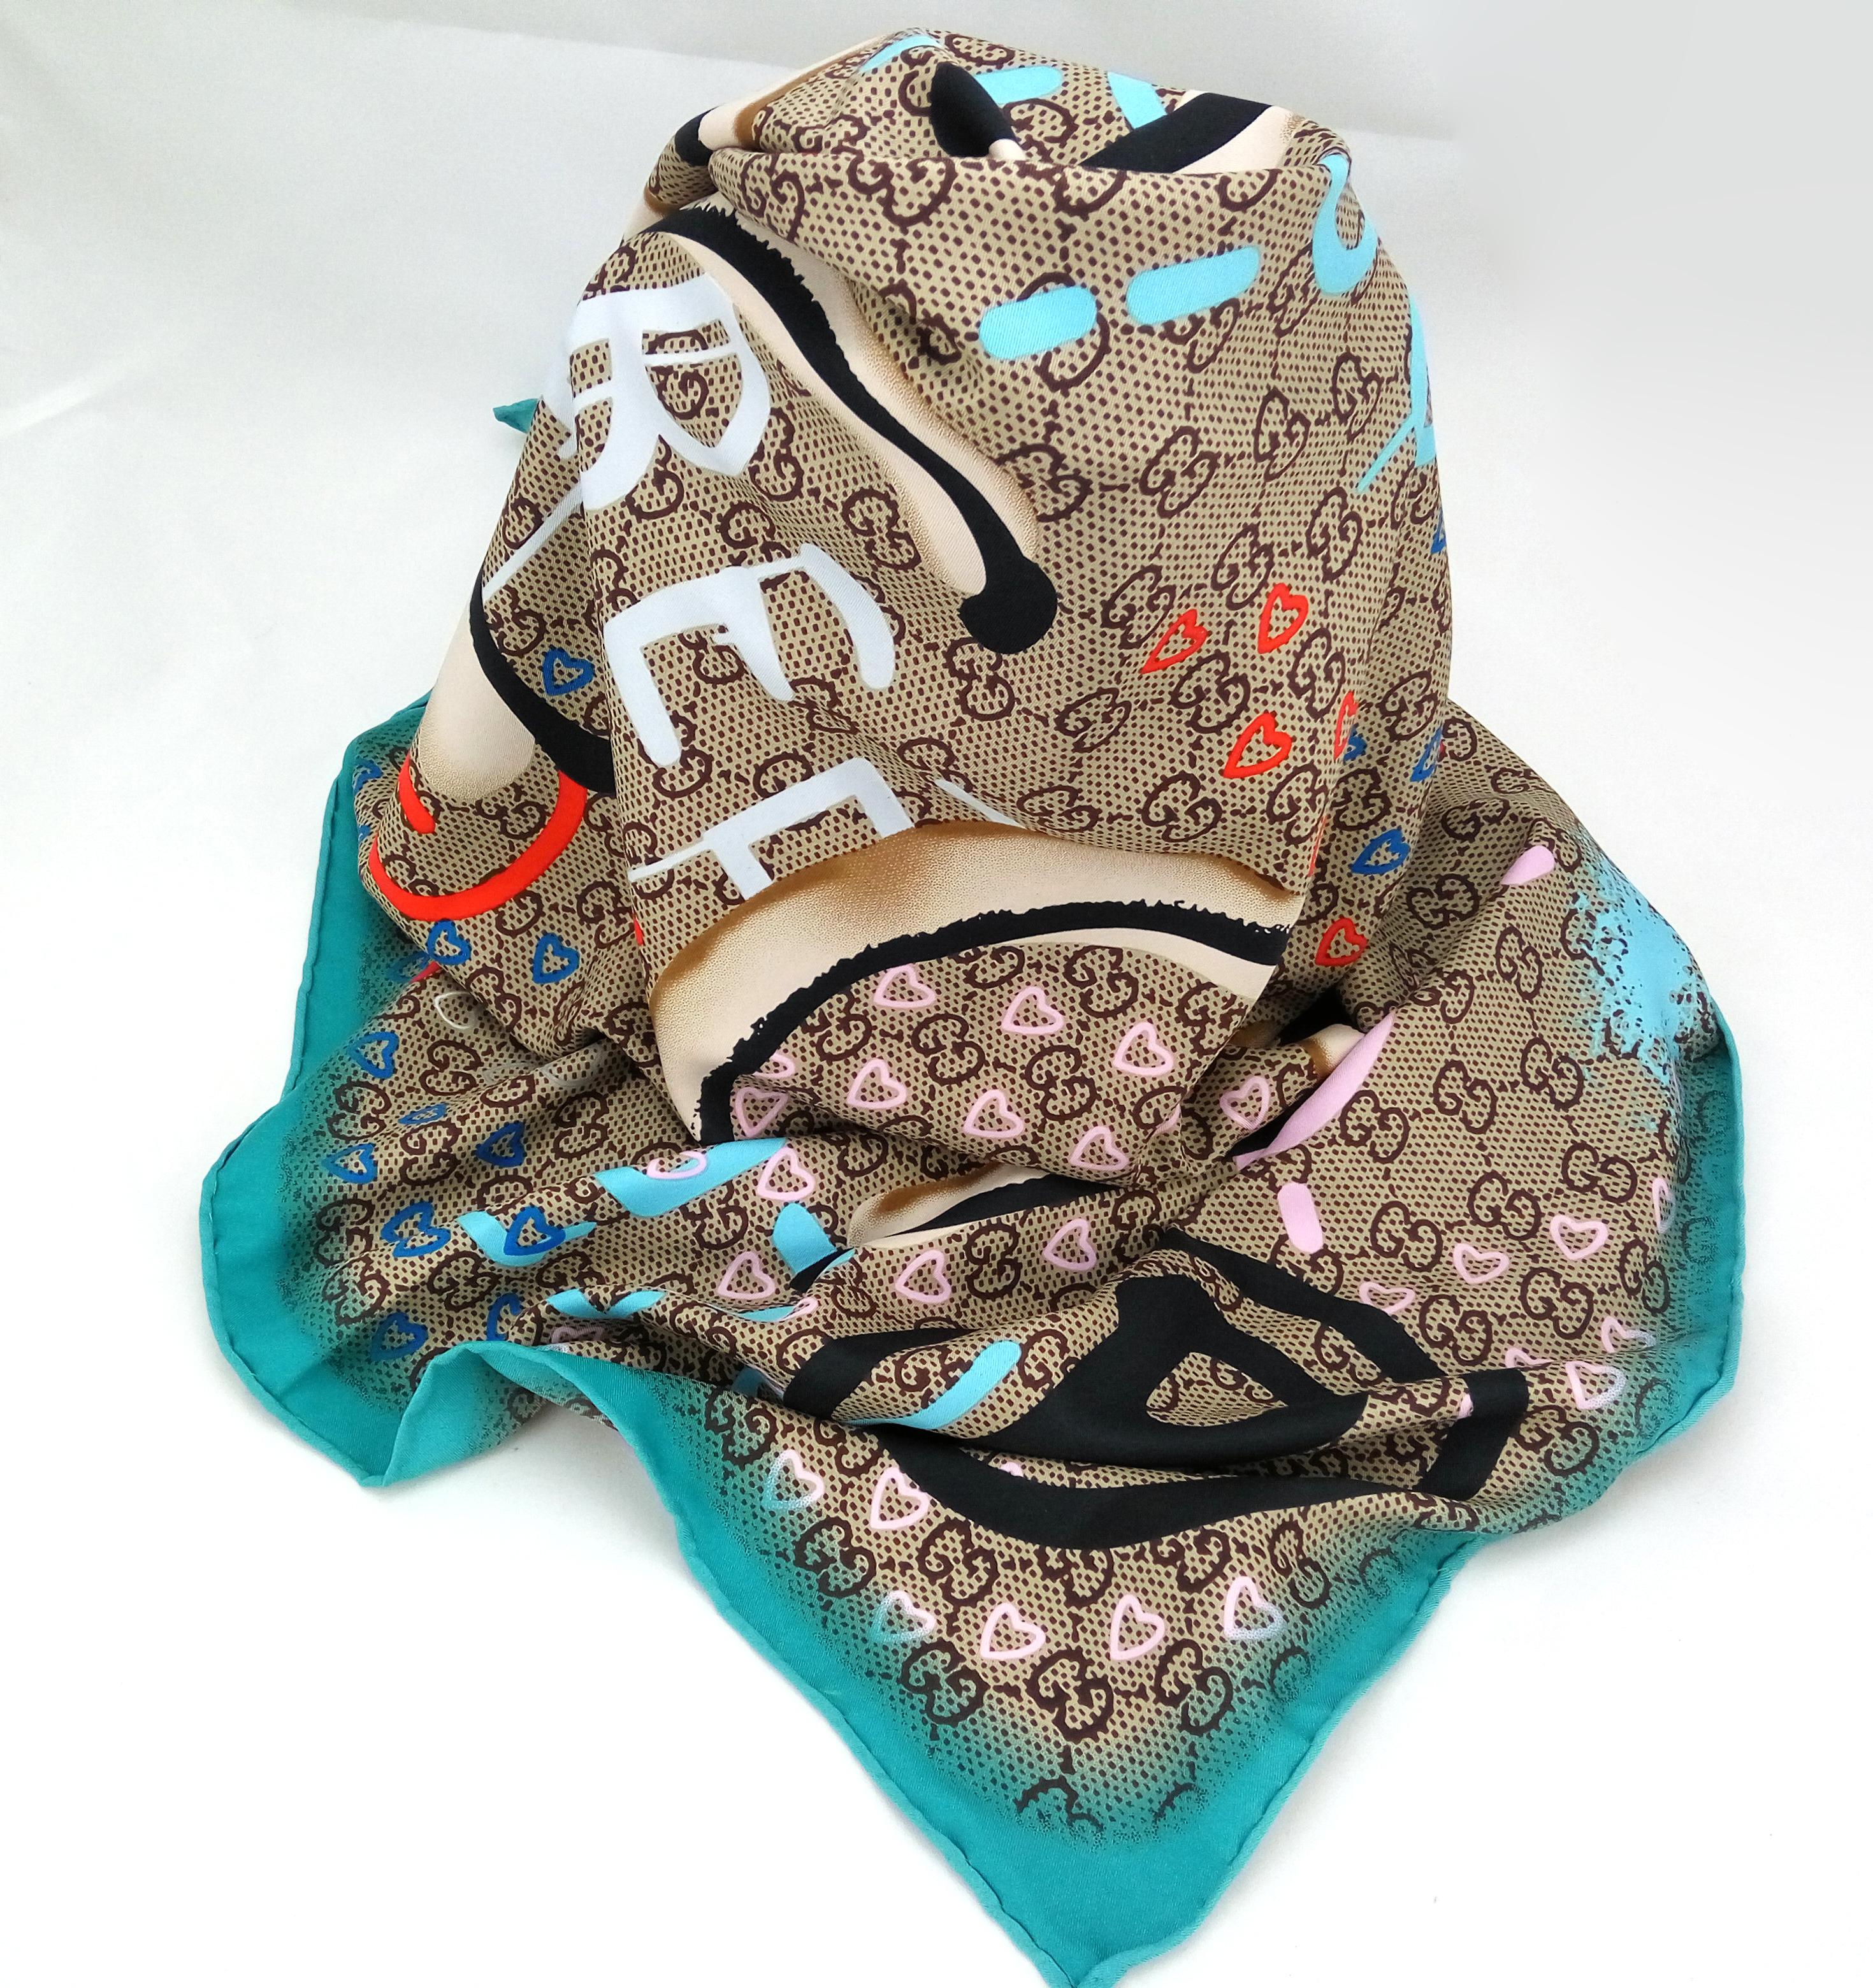 fdd101f9ca0f Silk Shawl Wrap Inspired Women Gift Scarves